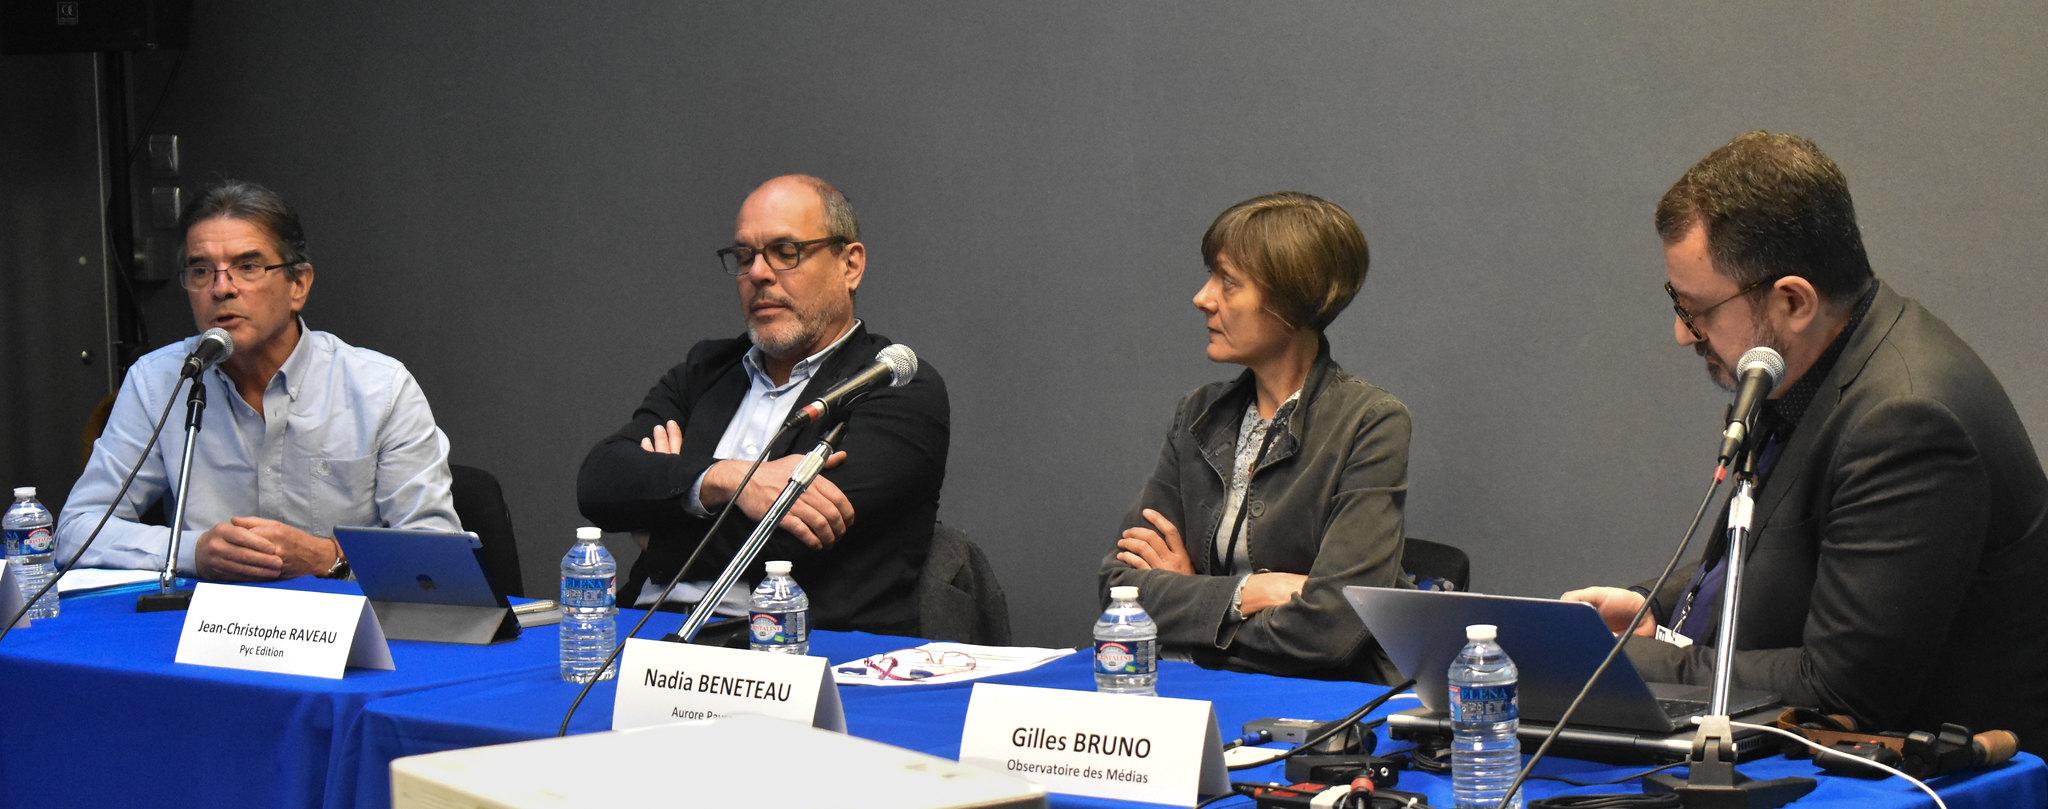 Trois acteurs de la presse professionnelle livrent leur vision du métier et son avenir. Photo : Malvina Raud